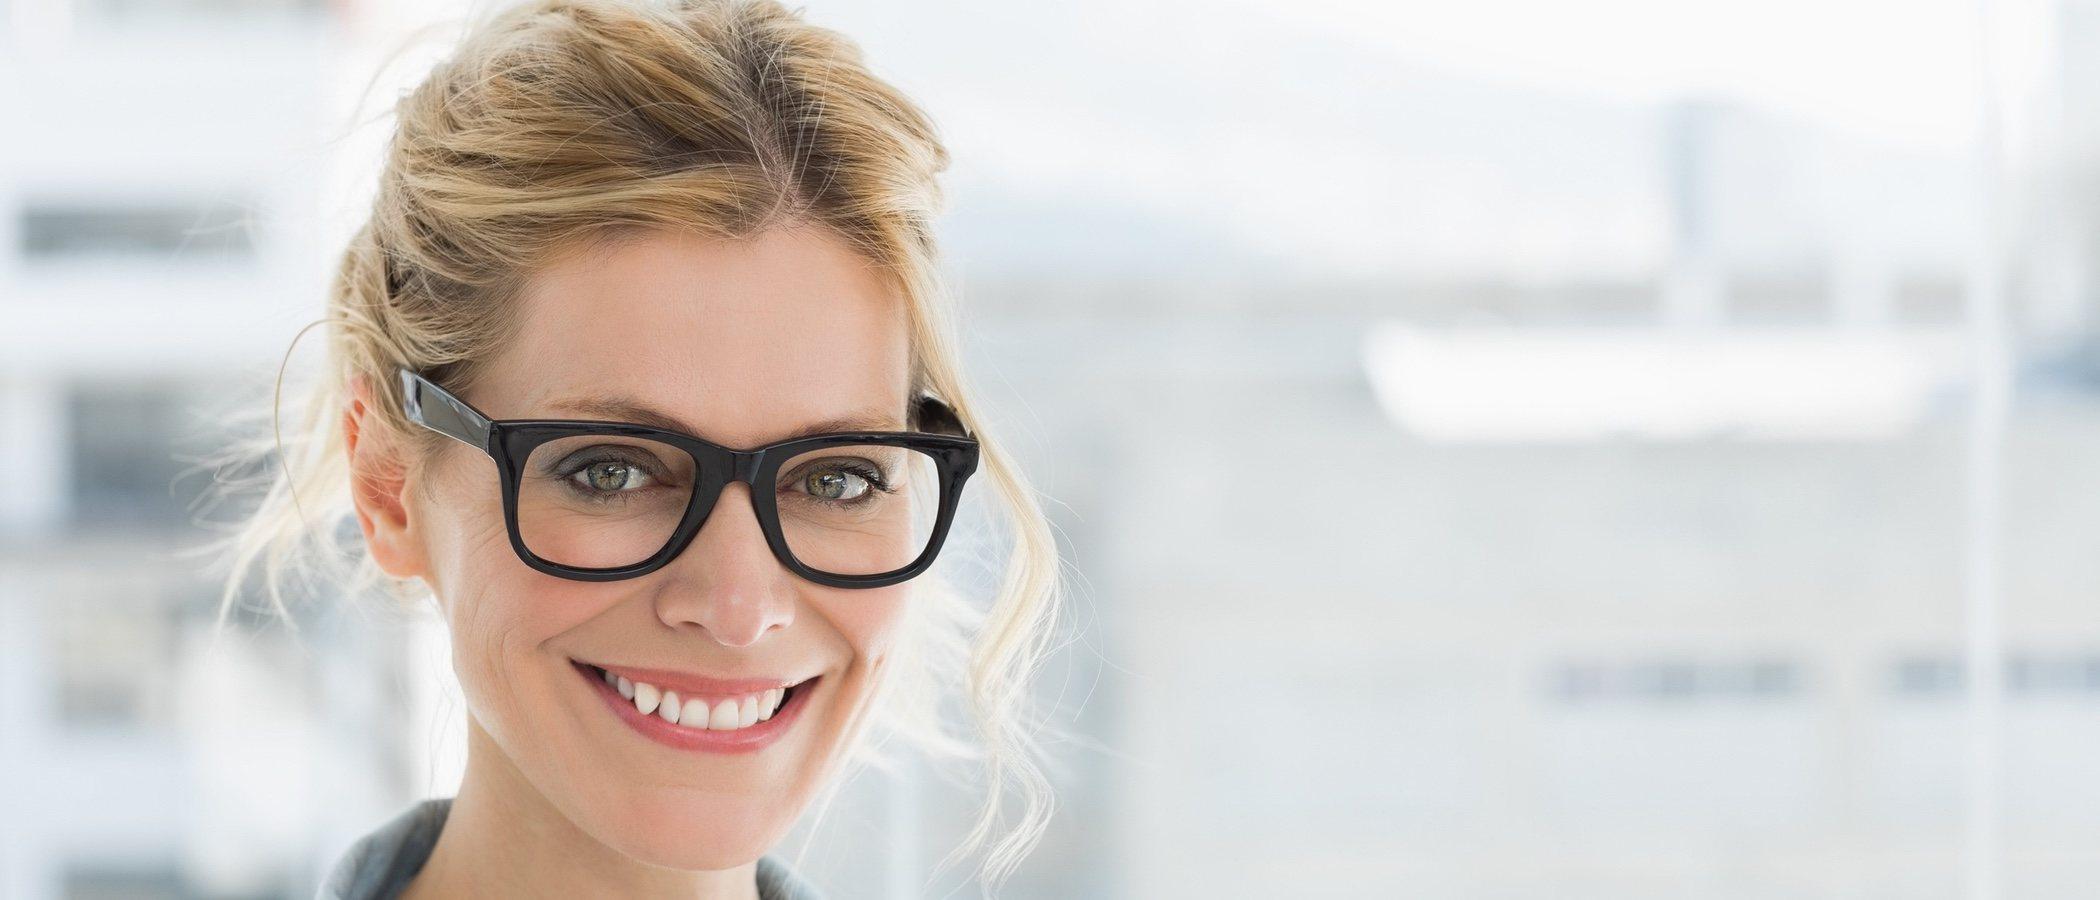 Peinados para estar más guapa si llevas gafas